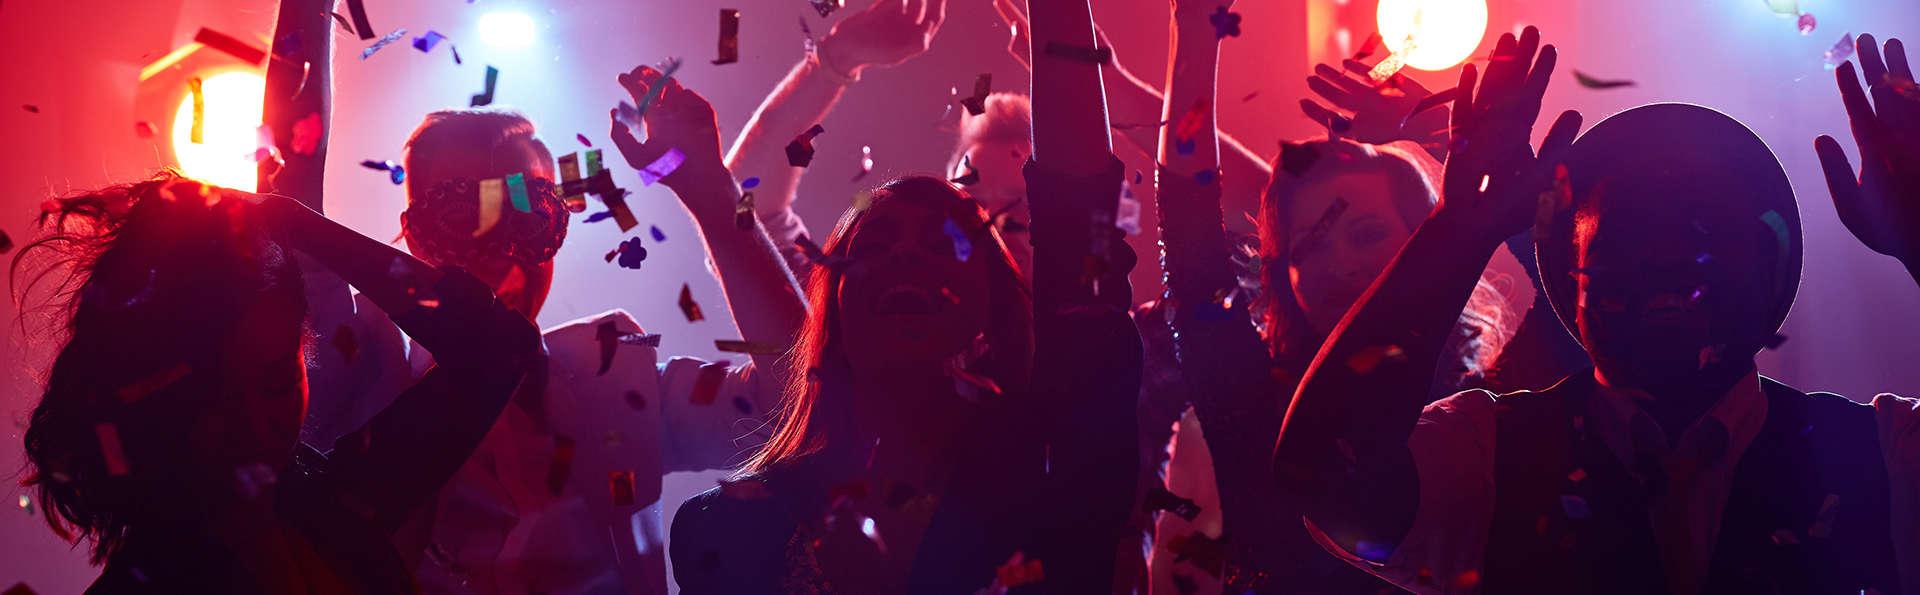 ¡Marzo es Carnaval!: Vuélvete a enamorar en la provincia de Alicante